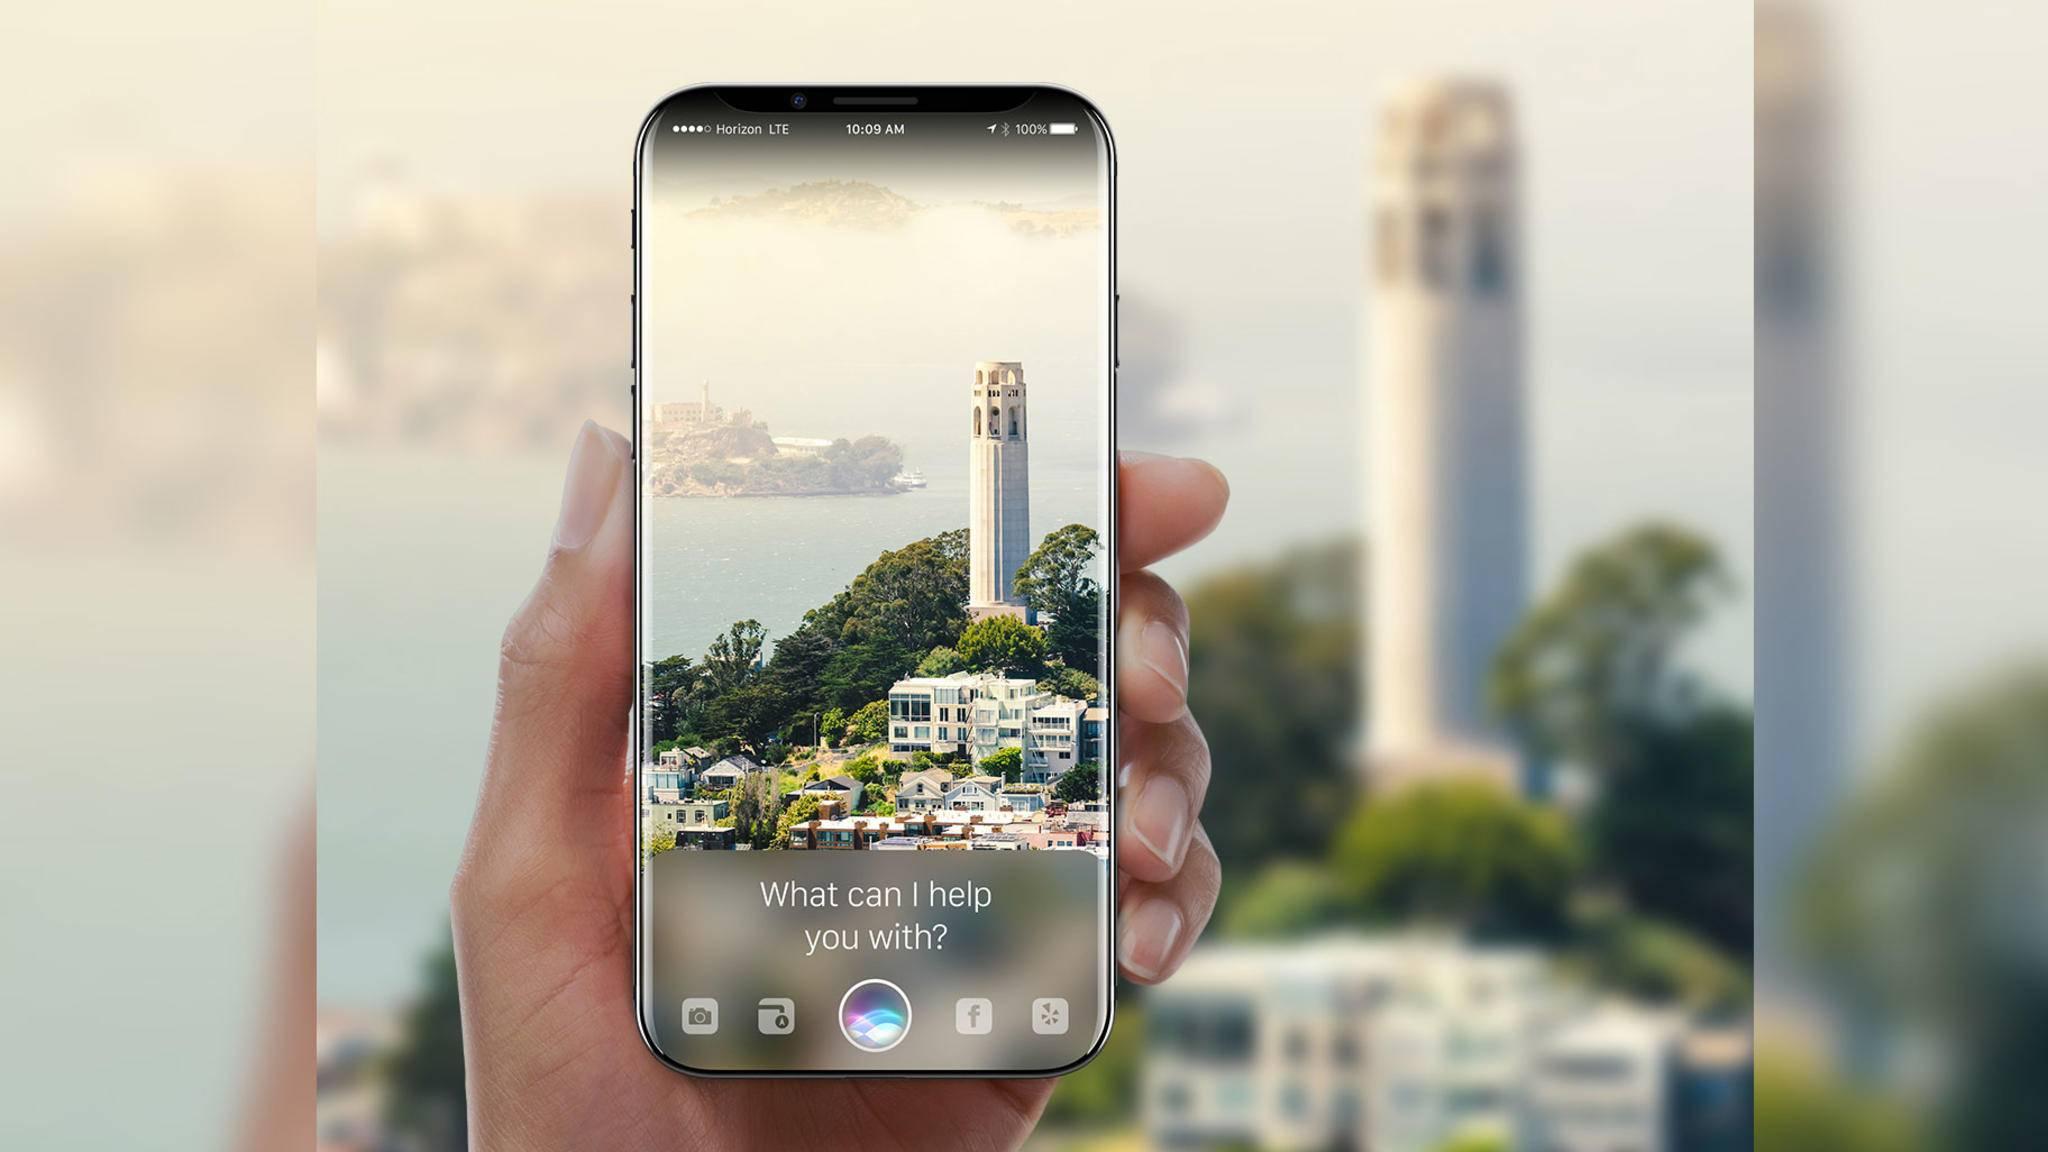 Die Kamera des iPhone 8 dürfte sogar über eine intelligente Szenenerkennung verfügen.